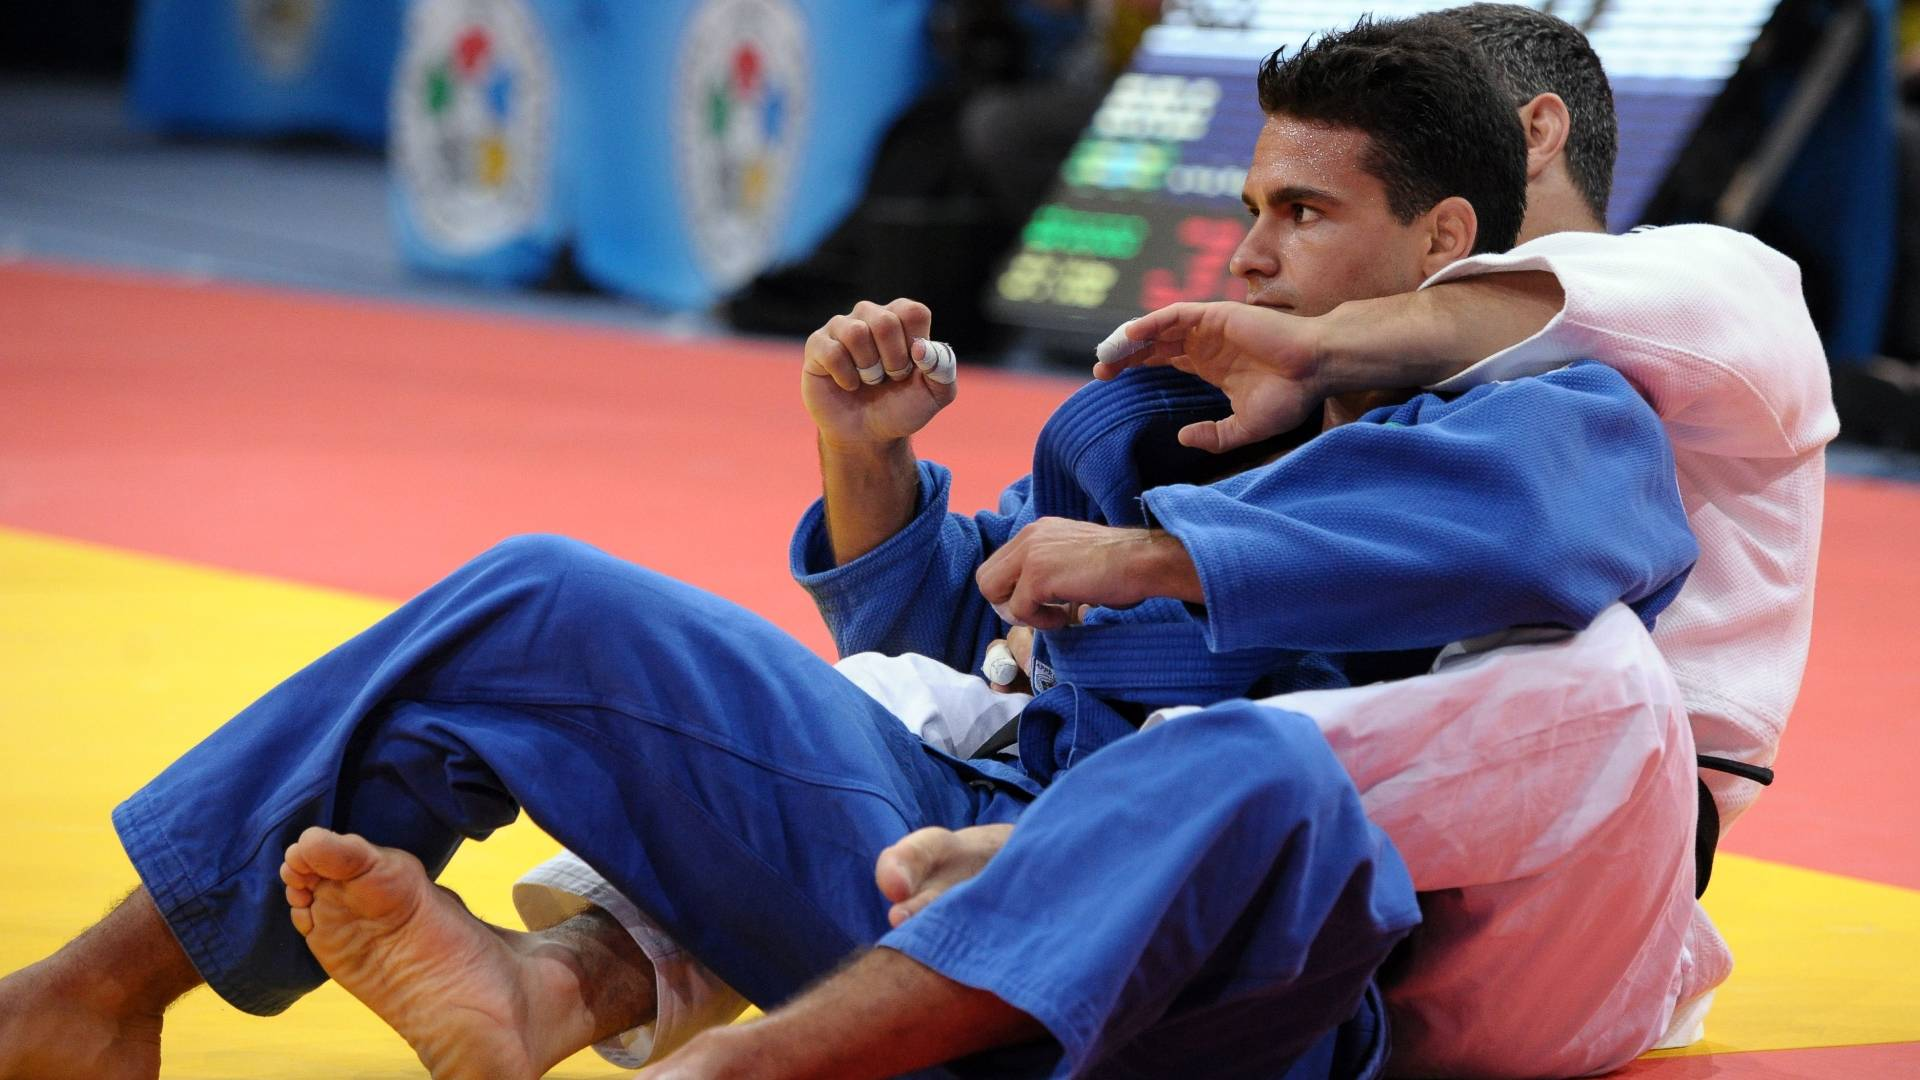 Leandro Guilheiro comemora vitória sobre Elkhan Rajabli, do Azerbaijão, na decisão do bronze (25/08/2011)